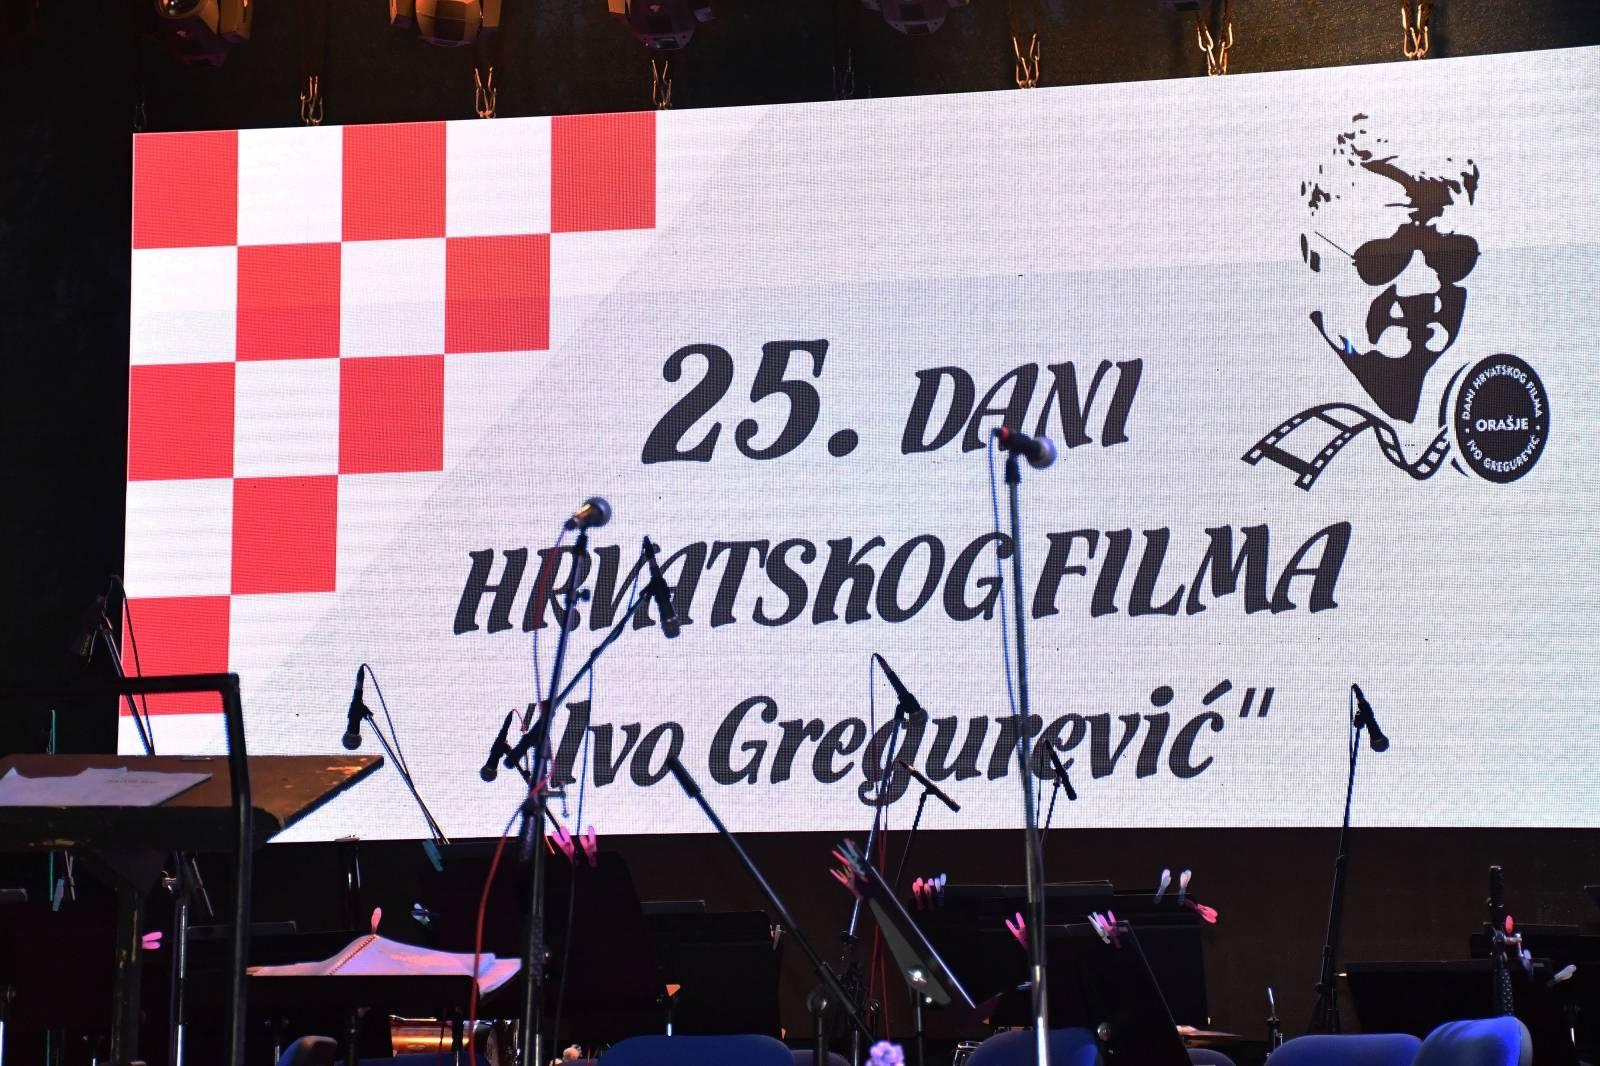 """Svečano otvoreni 25. Dani hrvatskog filma """"Ivo Gregurević"""" u Orašju"""